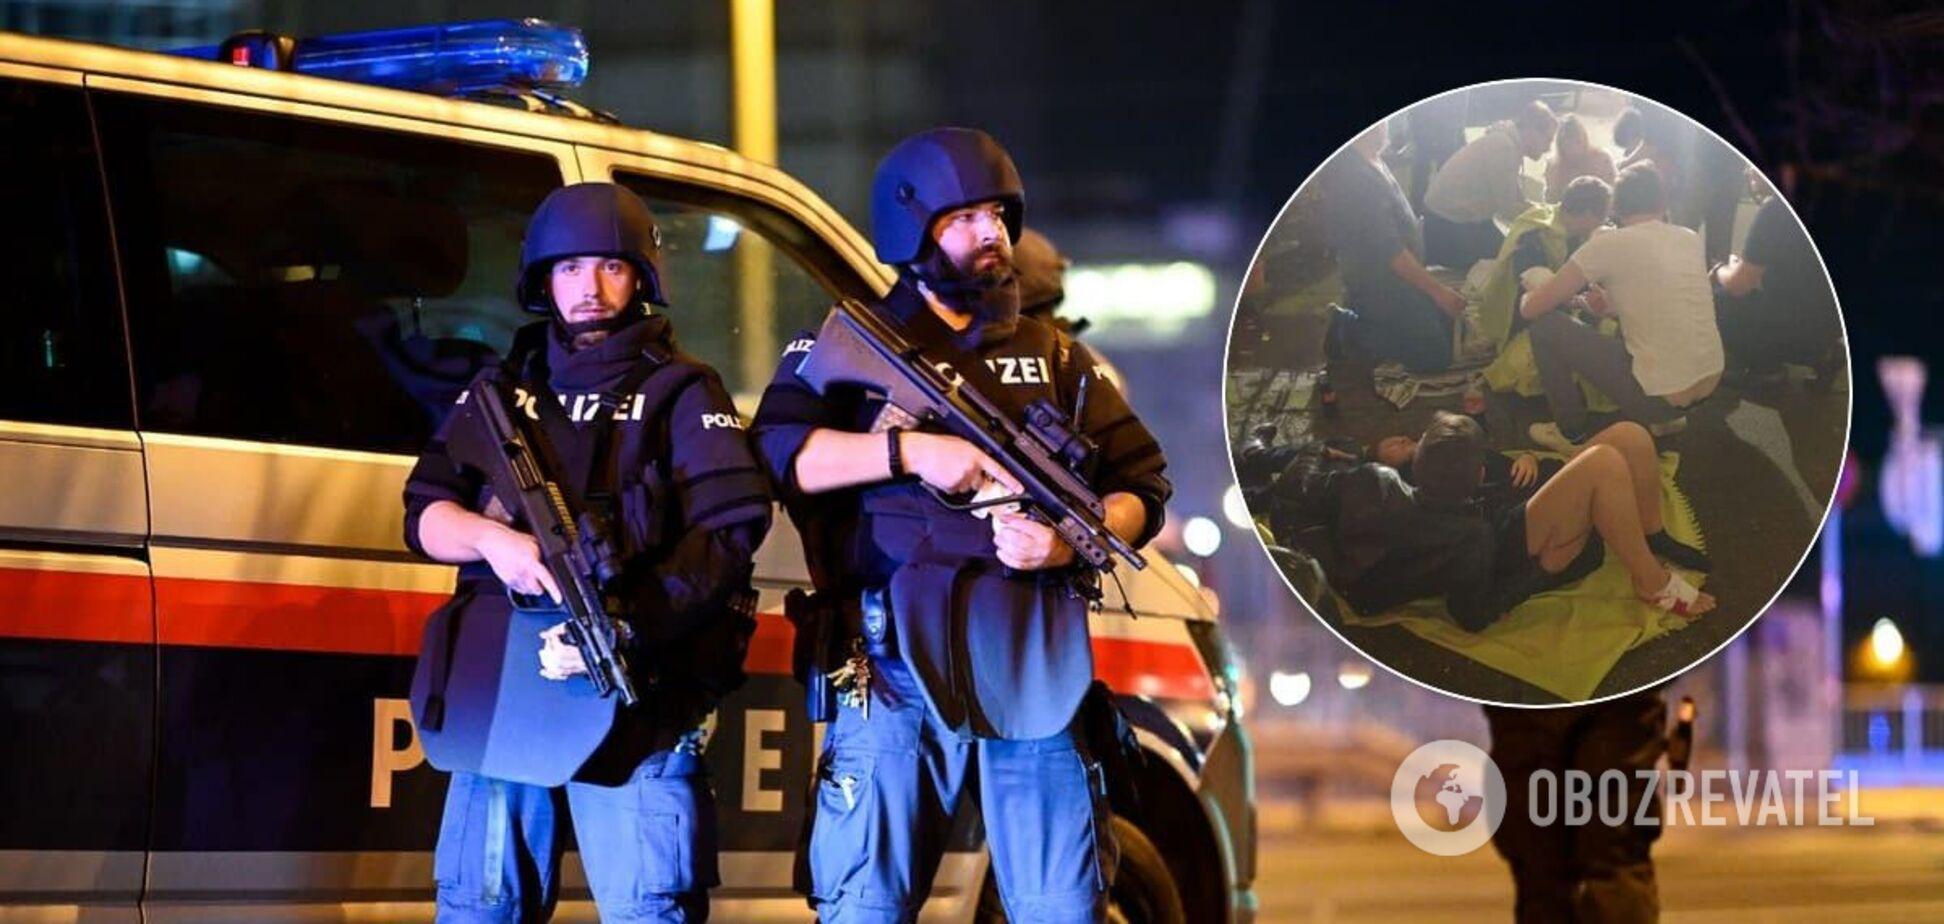 На відео потрапив момент розстрілу перехожого у Відні. Кадри 21+